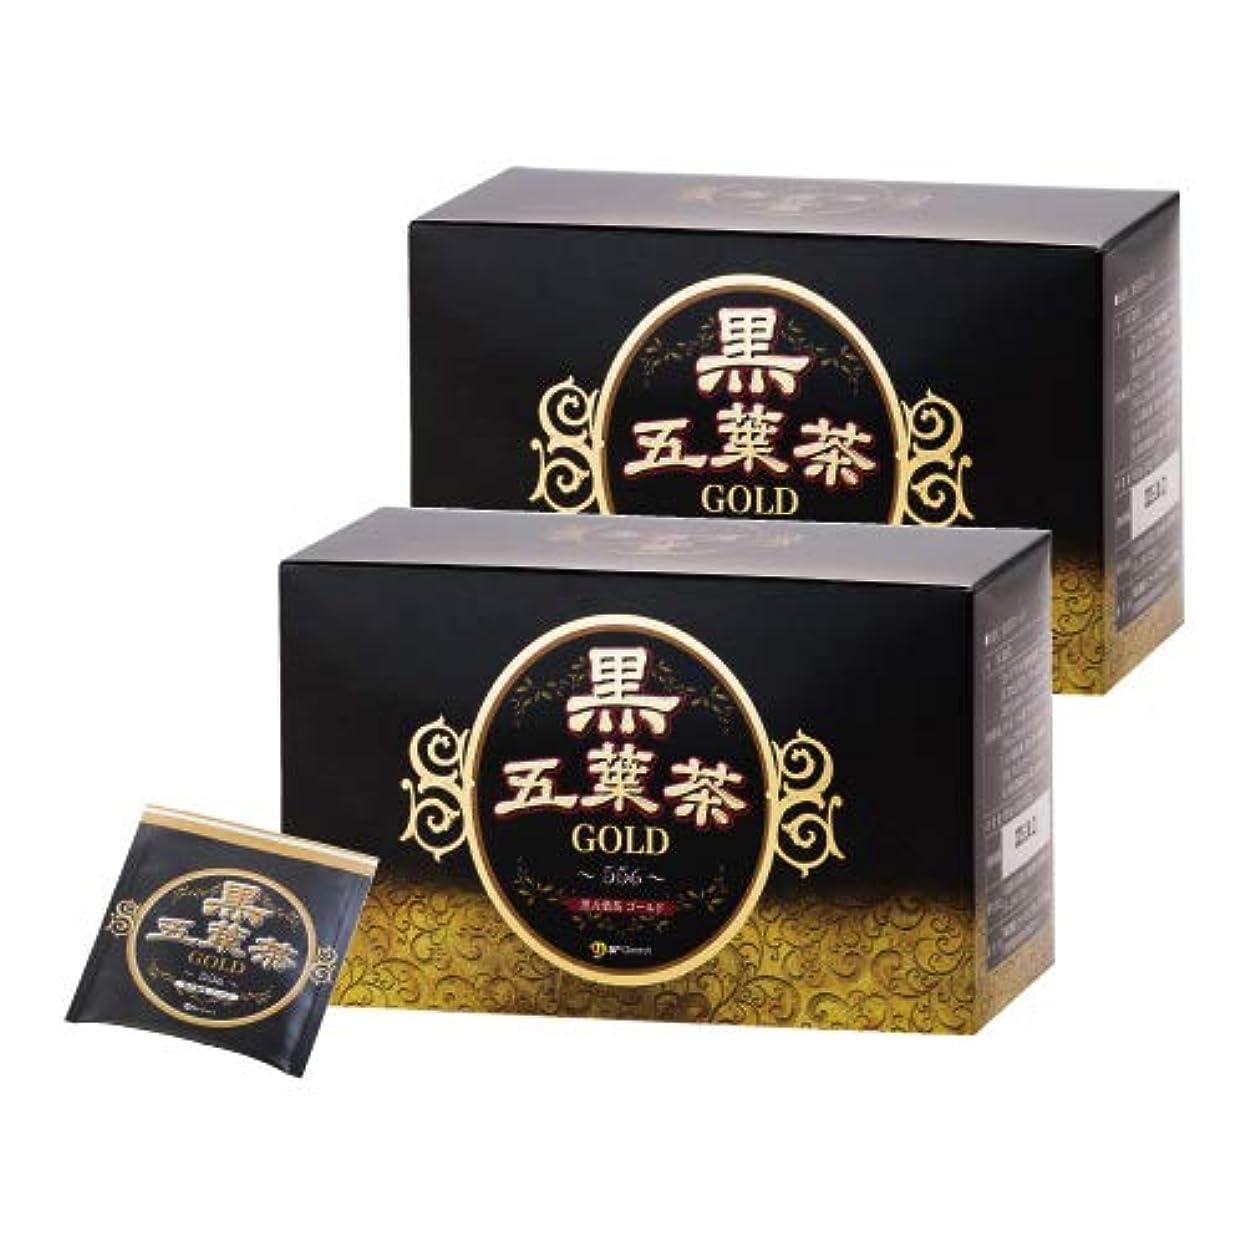 コーヒー打倒耕す黒五葉茶ゴールド 30包 2箱セット ダイエット ダイエット茶 ダイエットティー ハーブティー 難消化性デキストリン